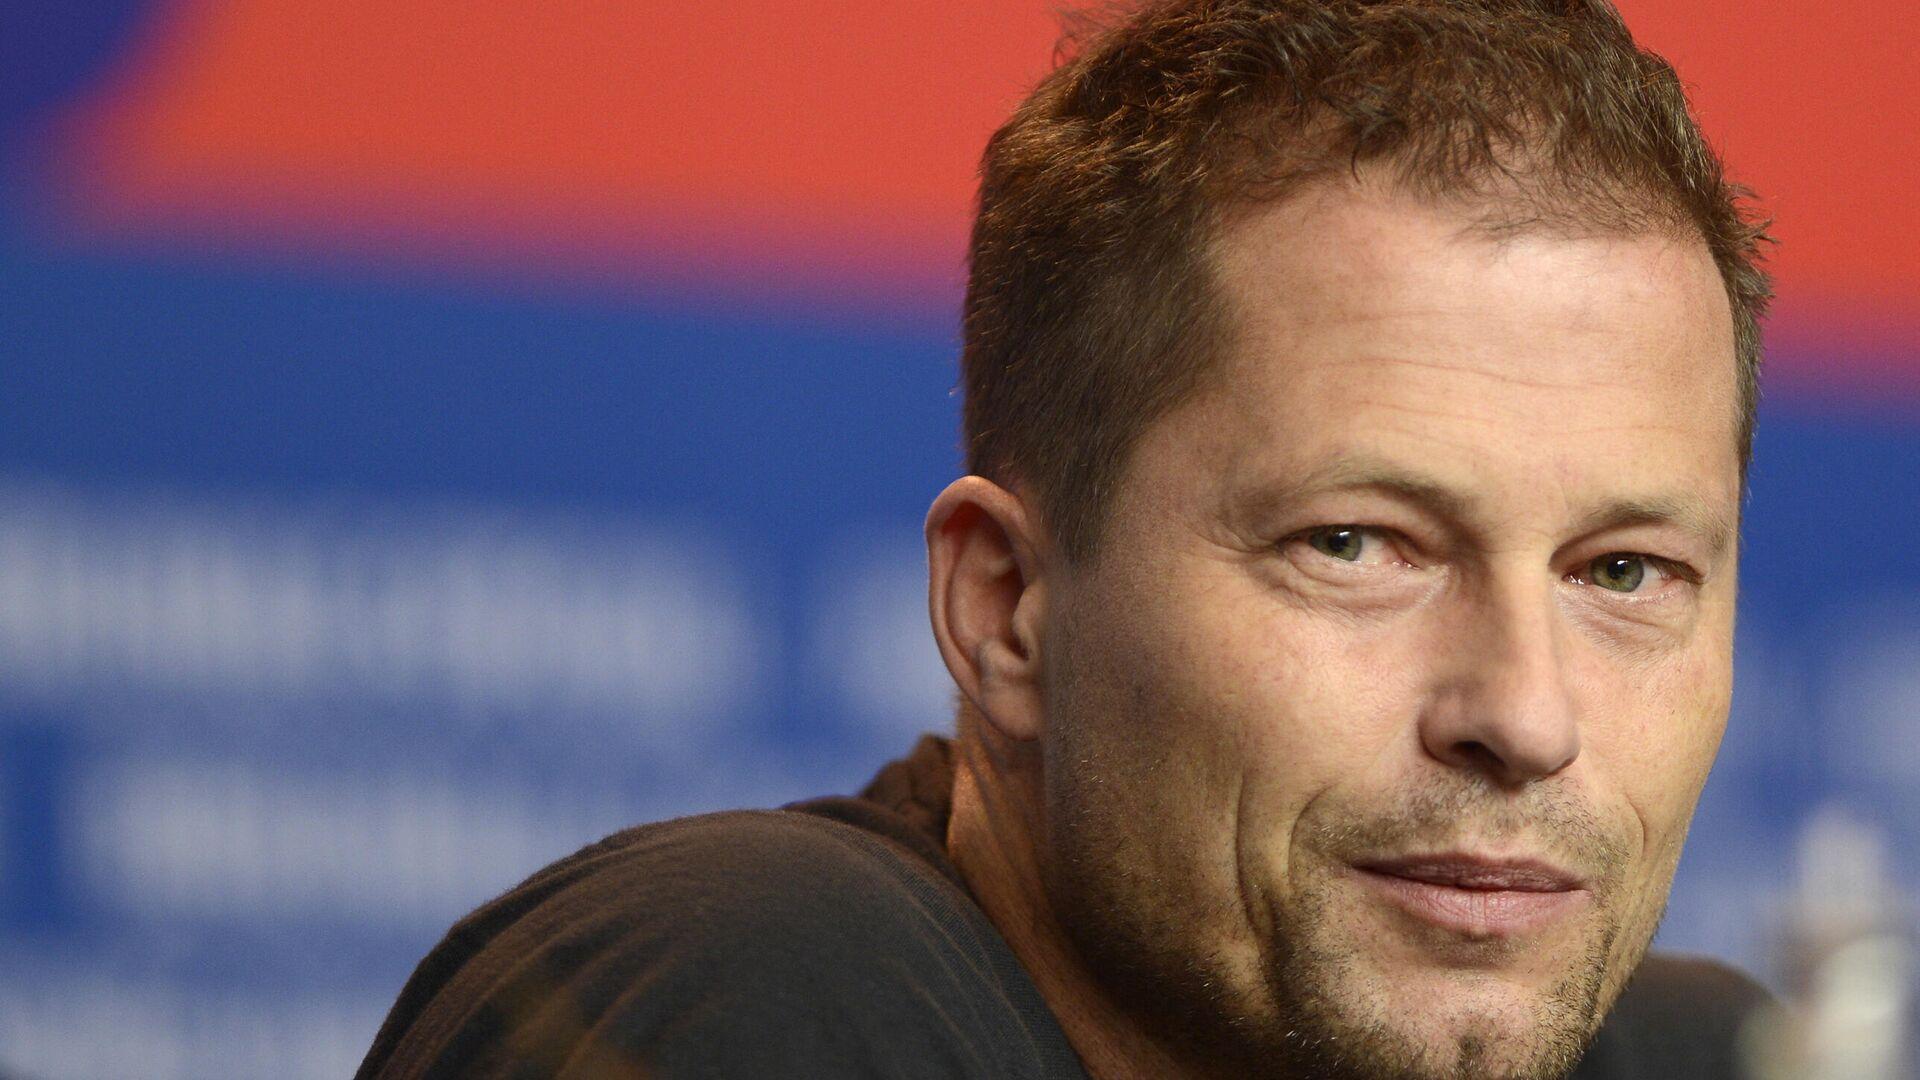 Der Schauspieler Til Schweiger spricht während der 63. Berlinale in Berlin, Februar 2013. Archivfoto - SNA, 1920, 06.09.2021